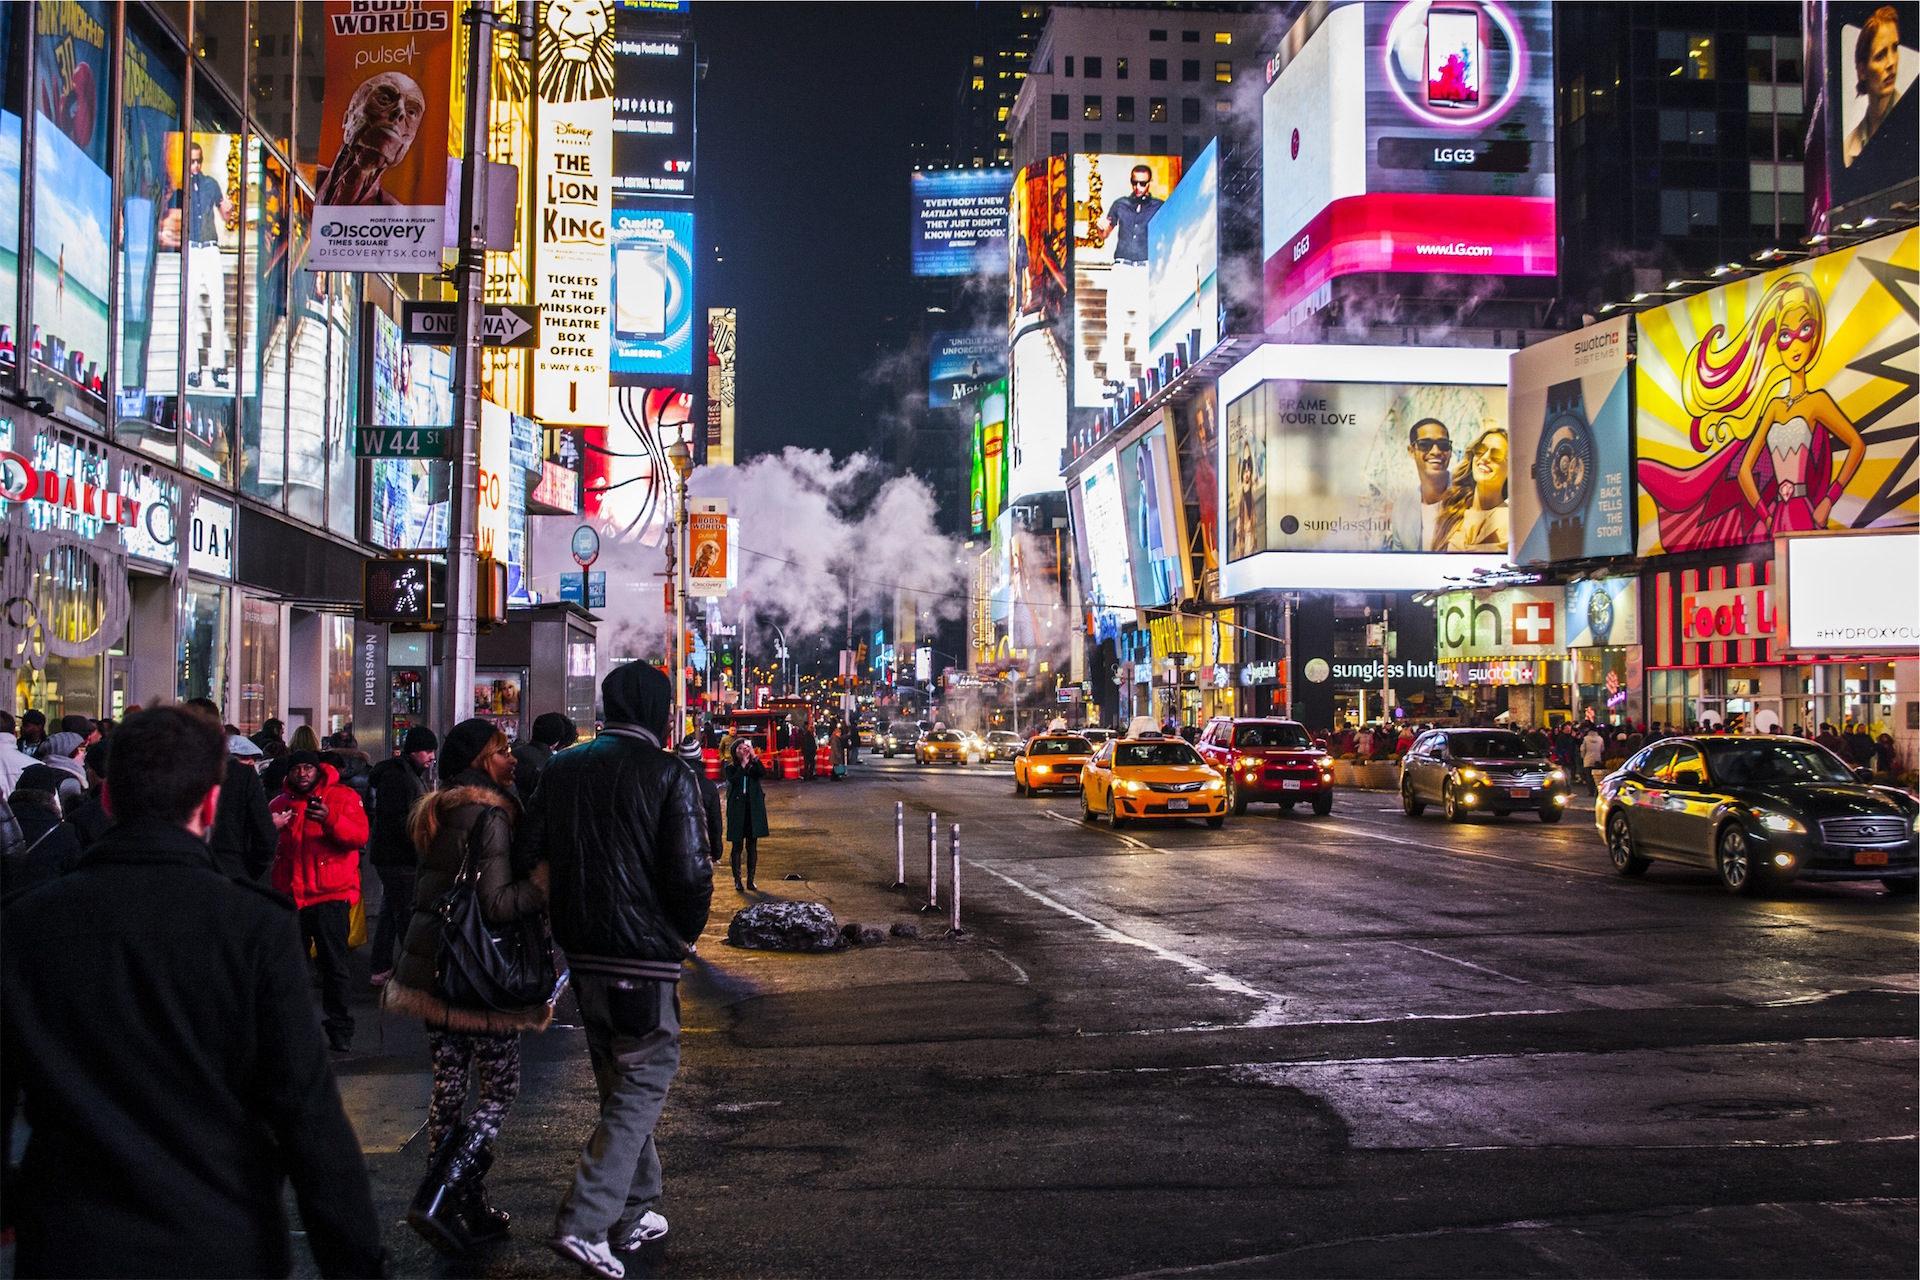 nuit, trafic, bâtiments, lumières, annonces - Fonds d'écran HD - Professor-falken.com